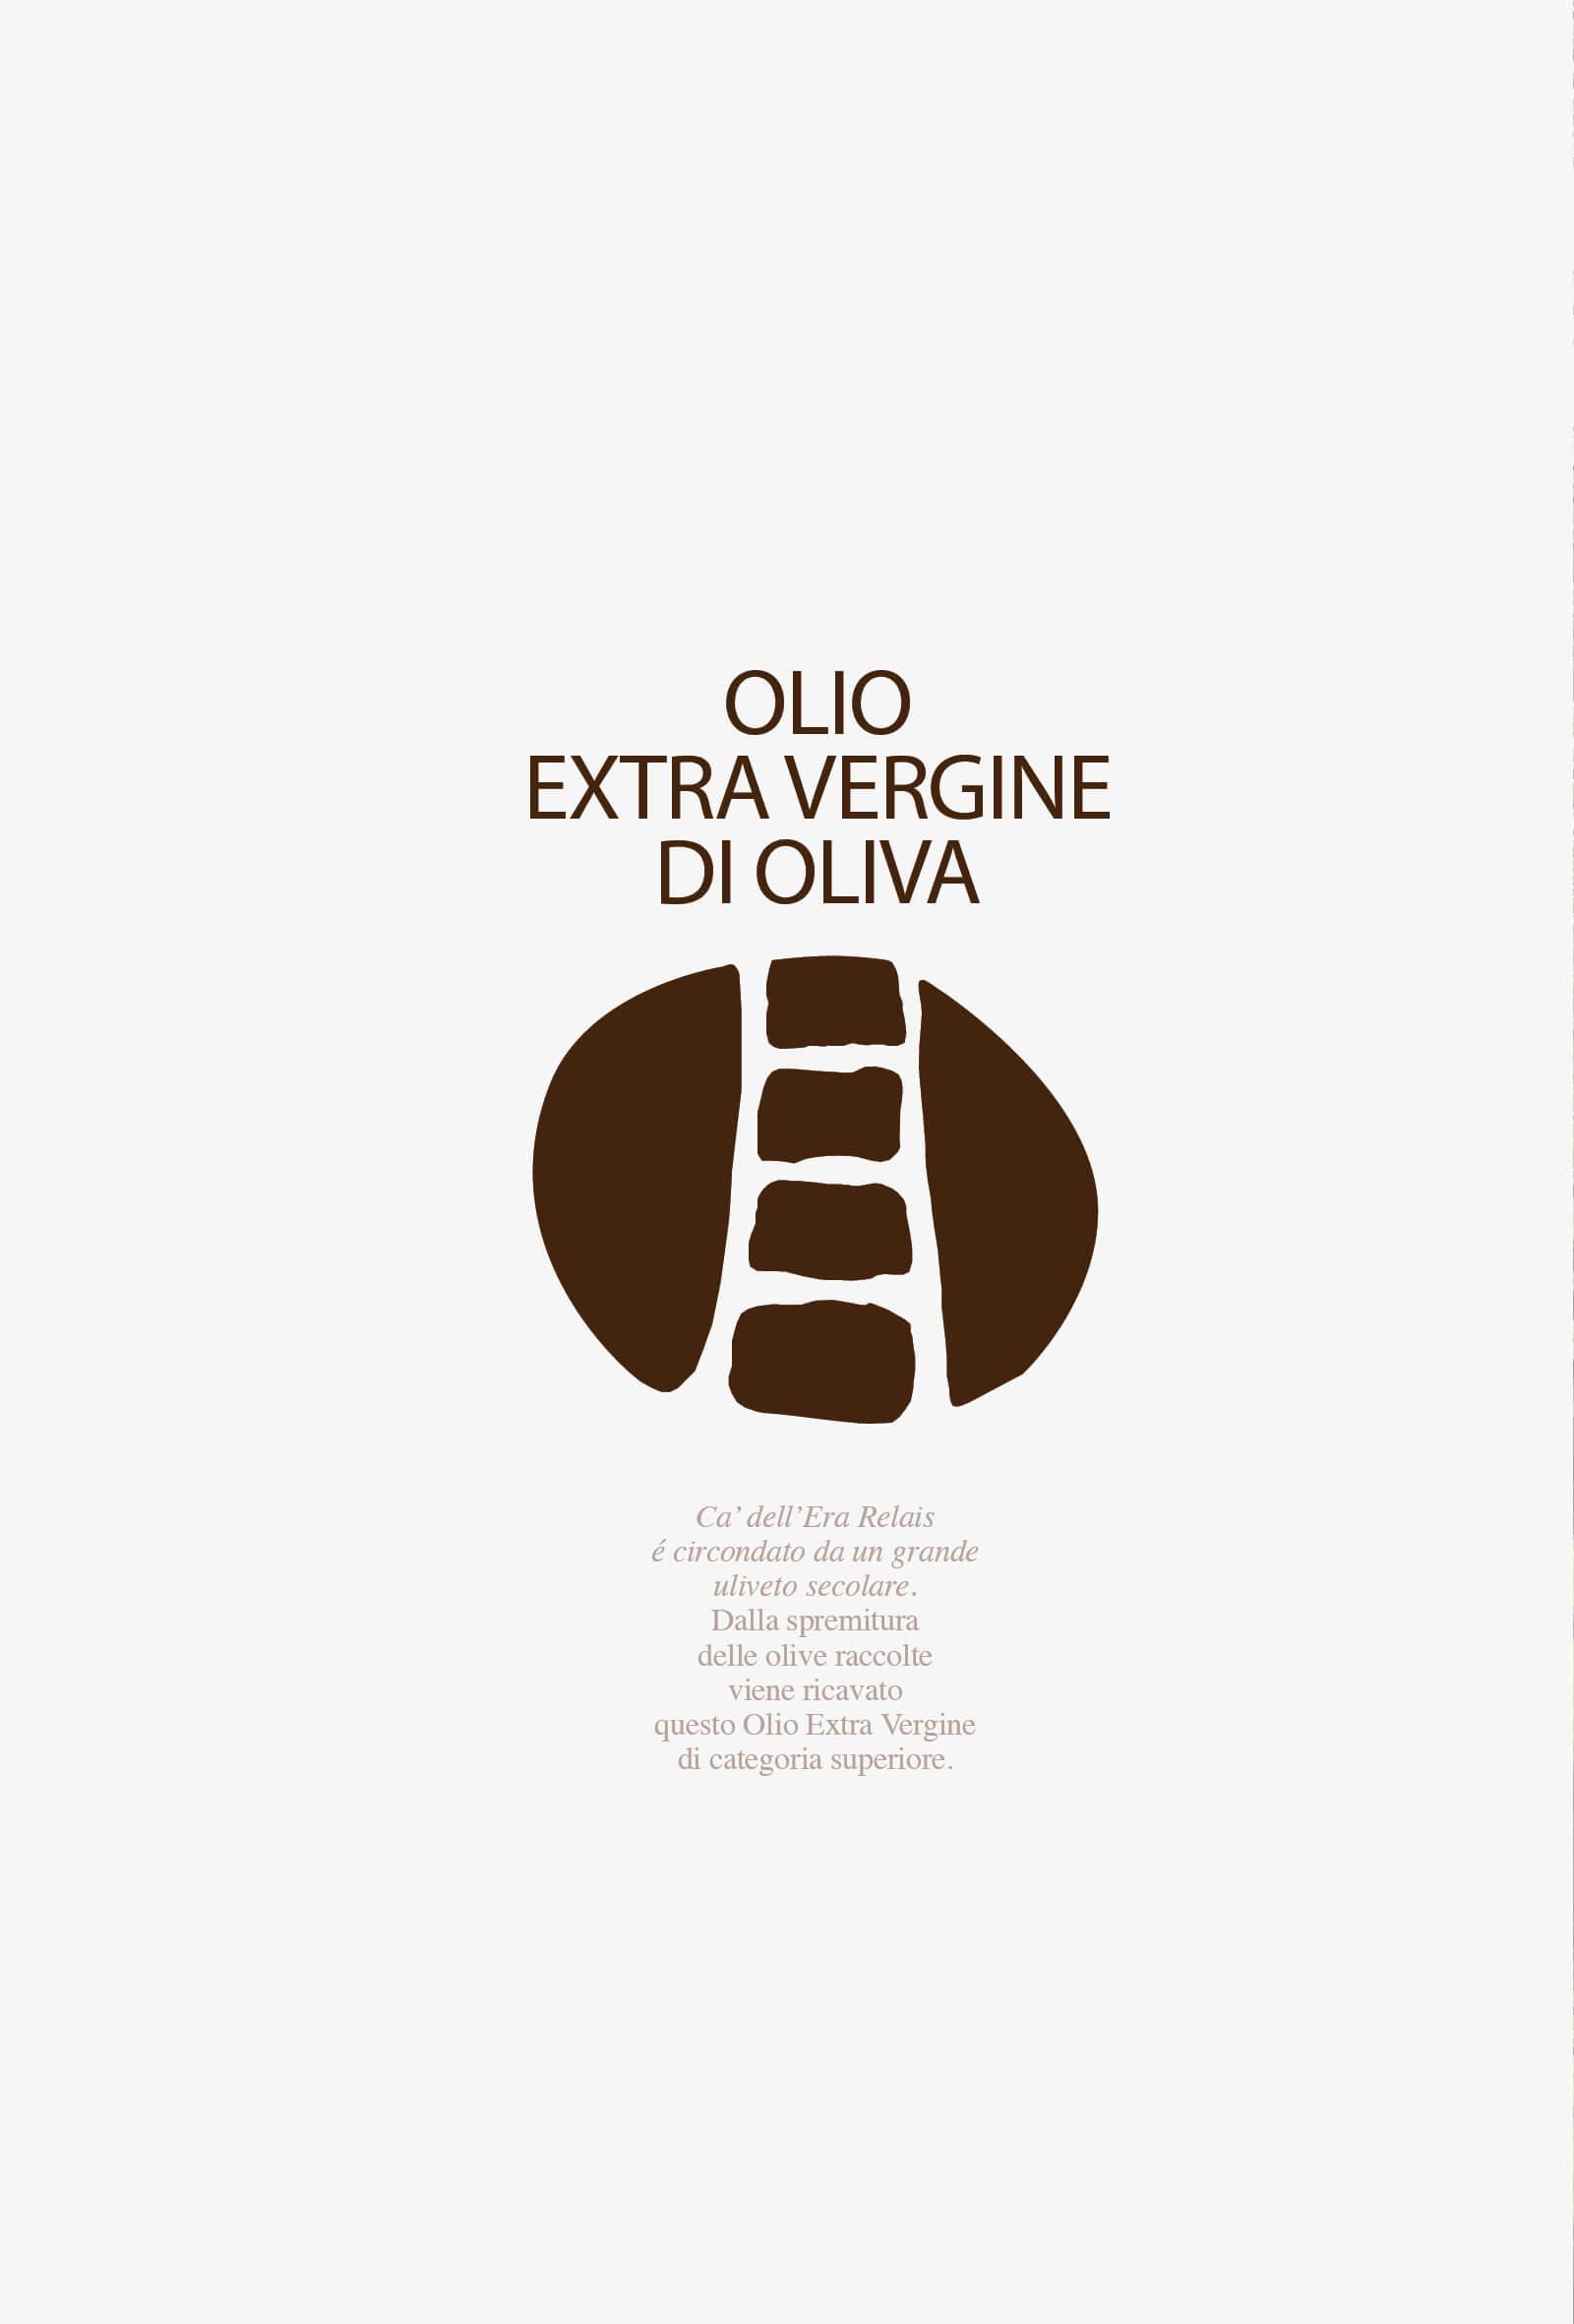 logotipo per etichetta olio oliva progetto diadestudio arco di trento